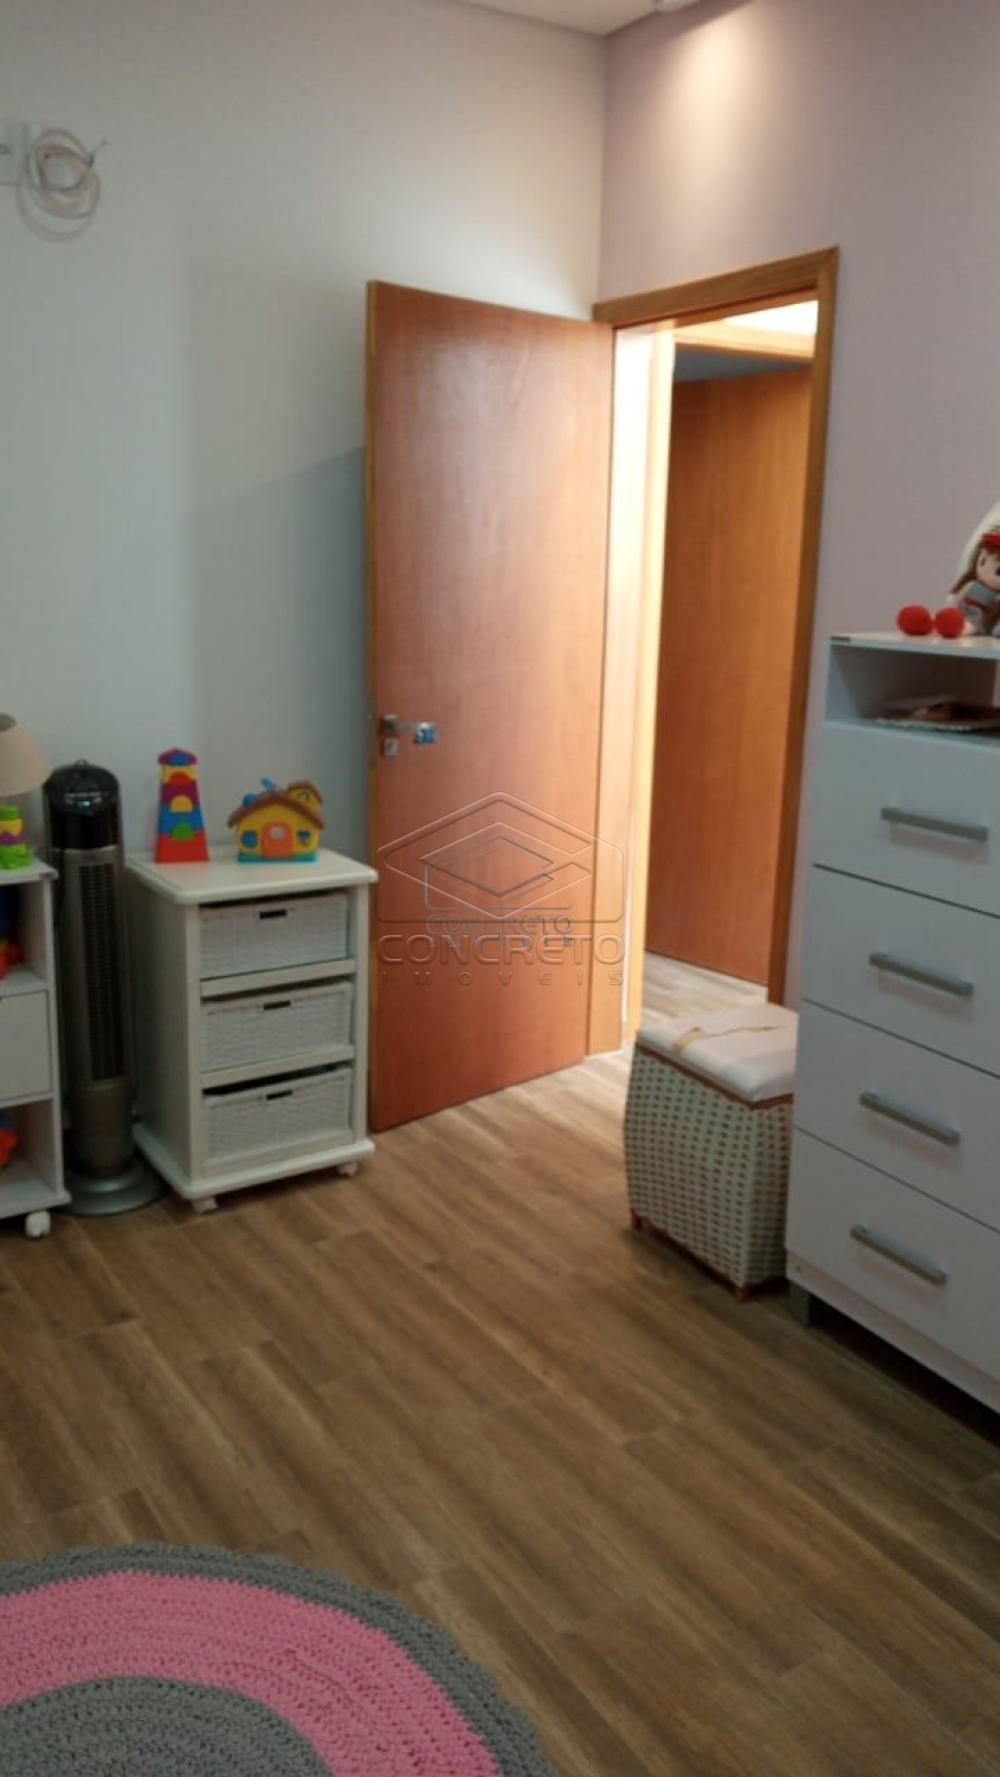 Comprar Casa / Padrão em Sao Manuel apenas R$ 650.000,00 - Foto 43